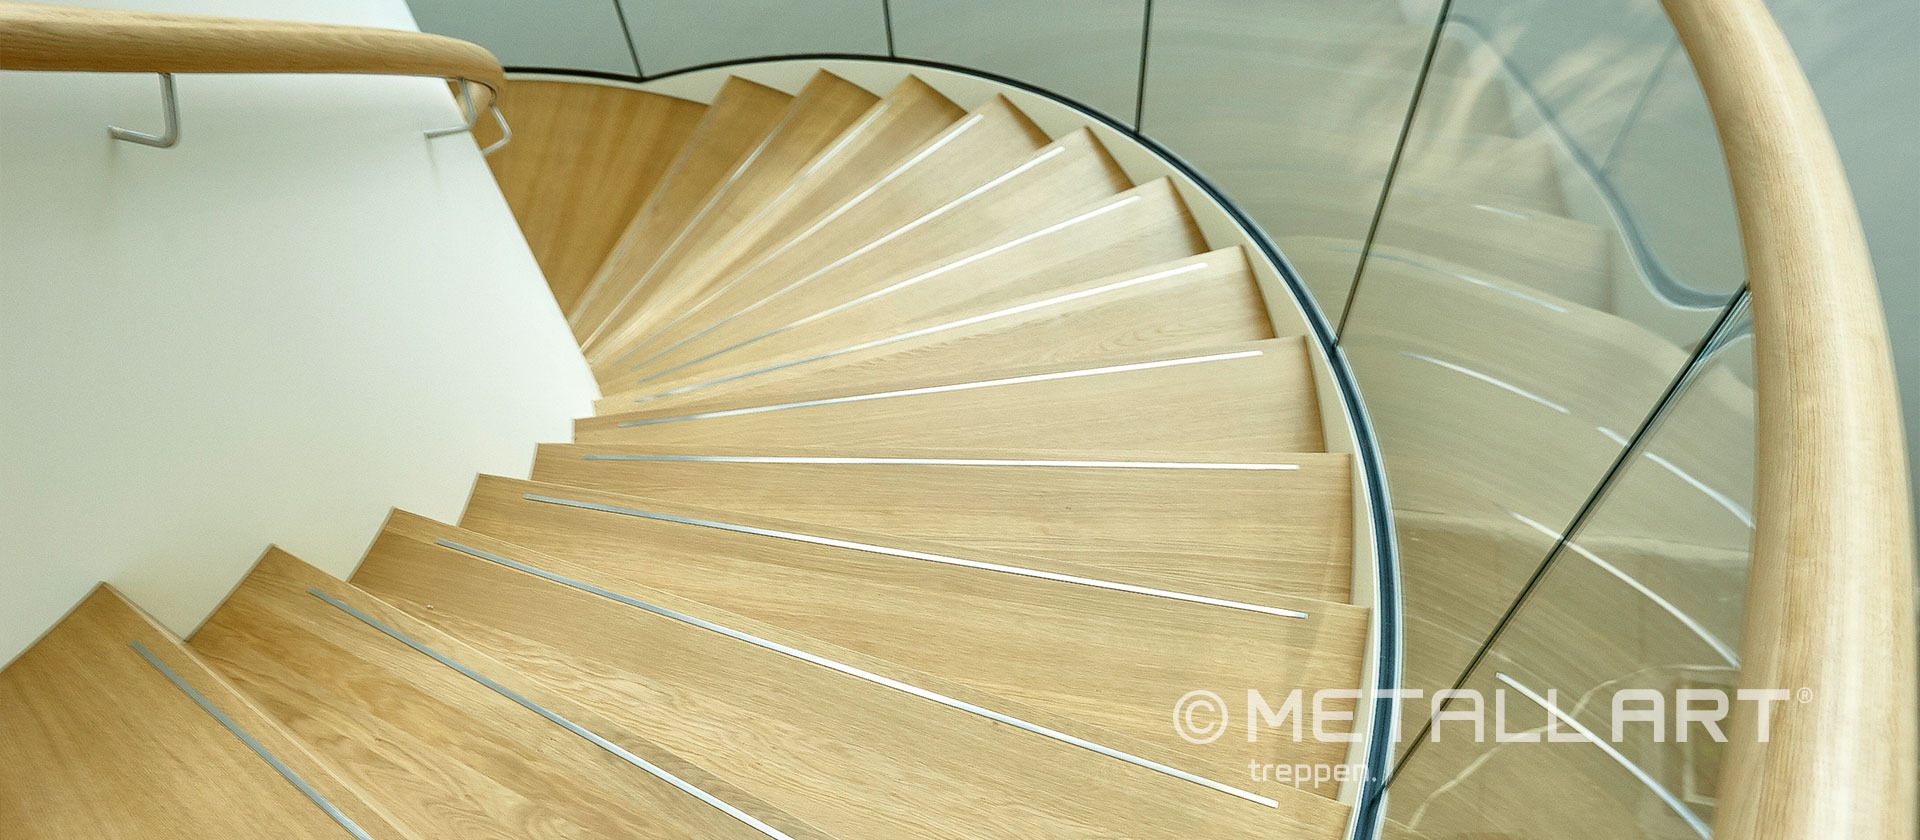 Holz Treppenstufen Wangentreppe